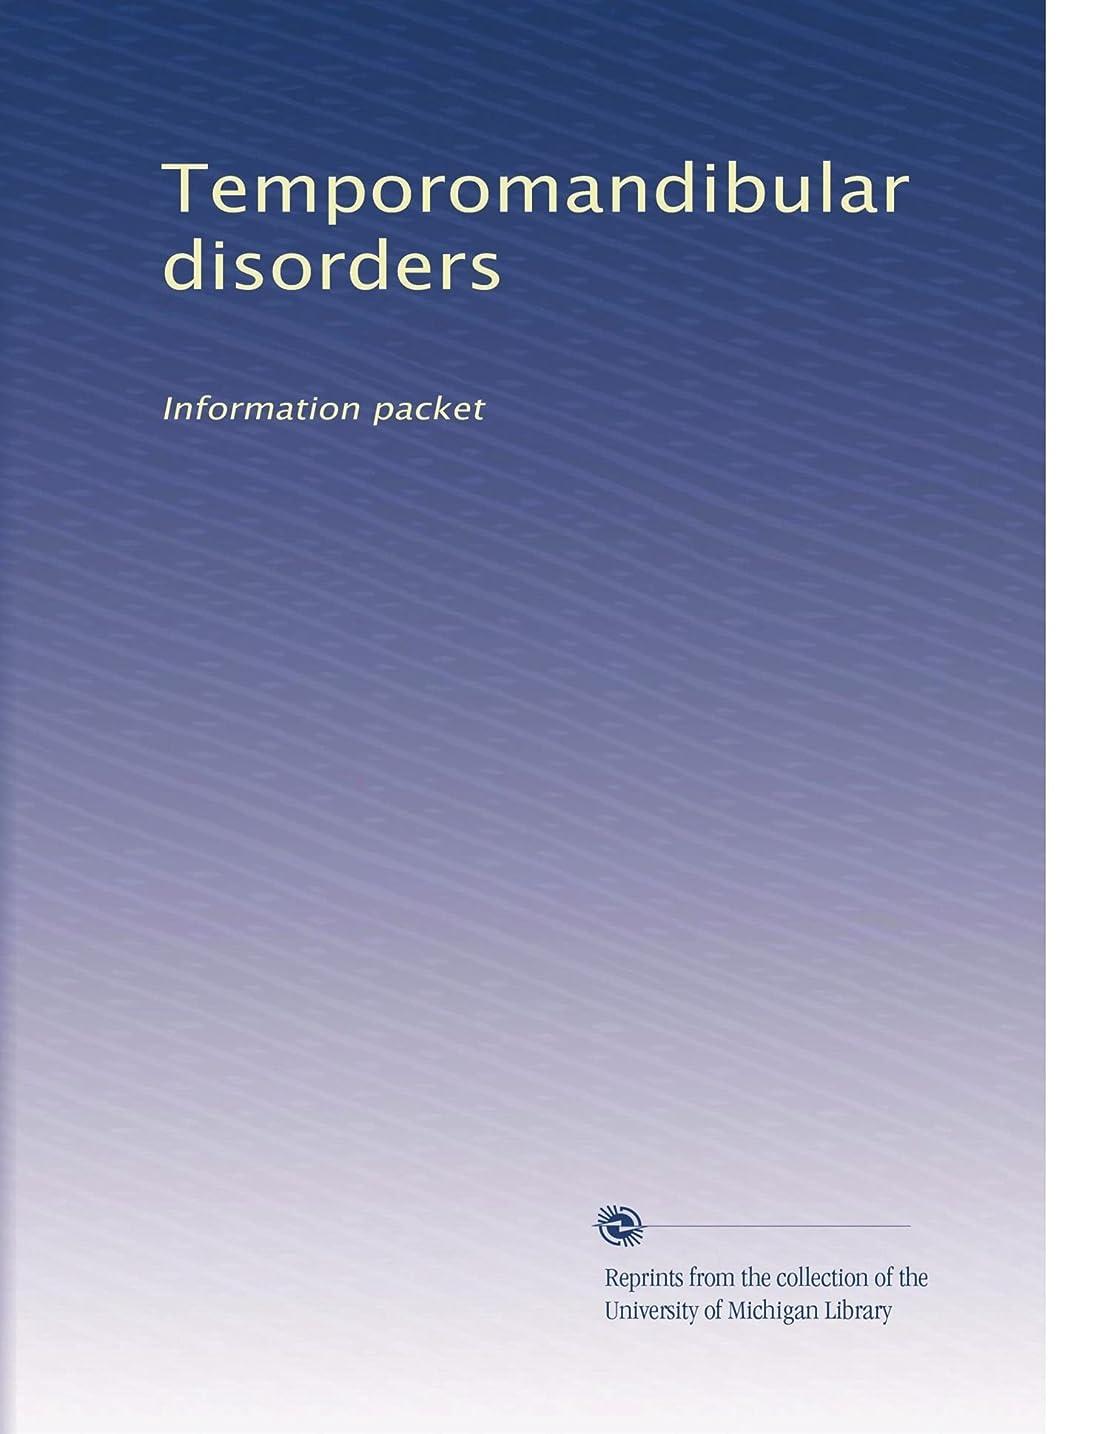 チューインガム太鼓腹グローバルTemporomandibular disorders: Information packet